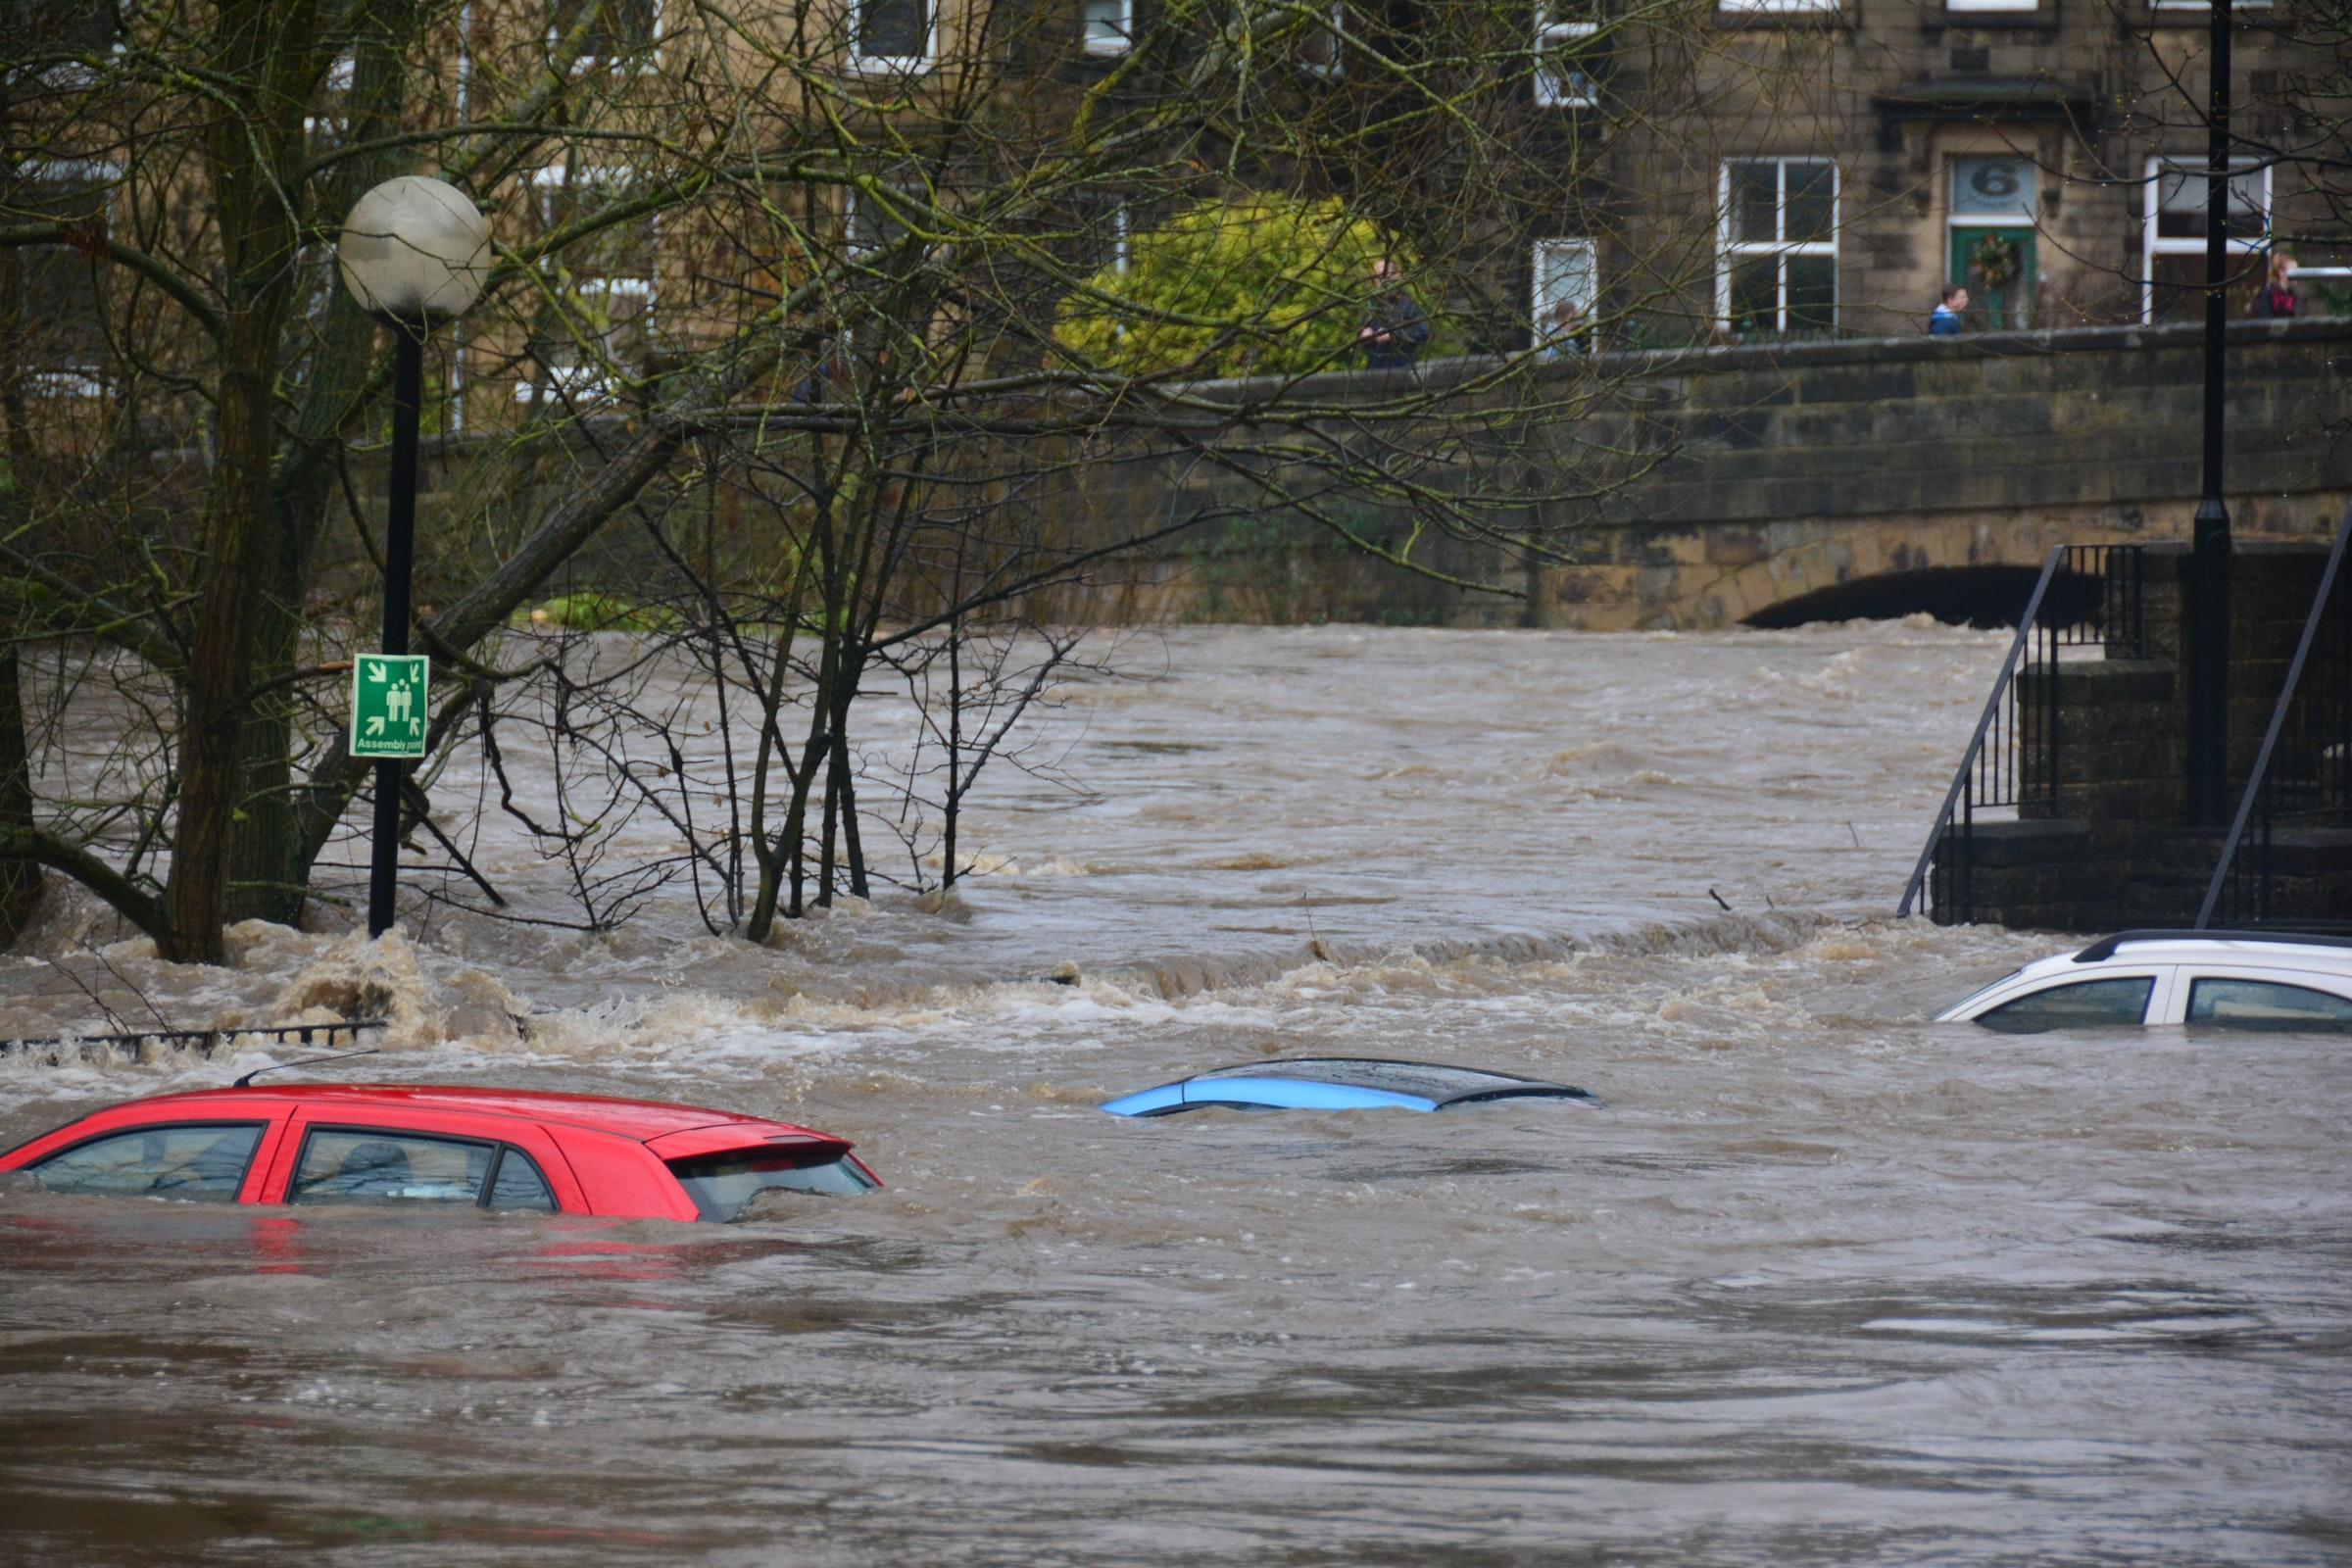 Inondations en Wallonie : répertoire des aides et contacts utiles